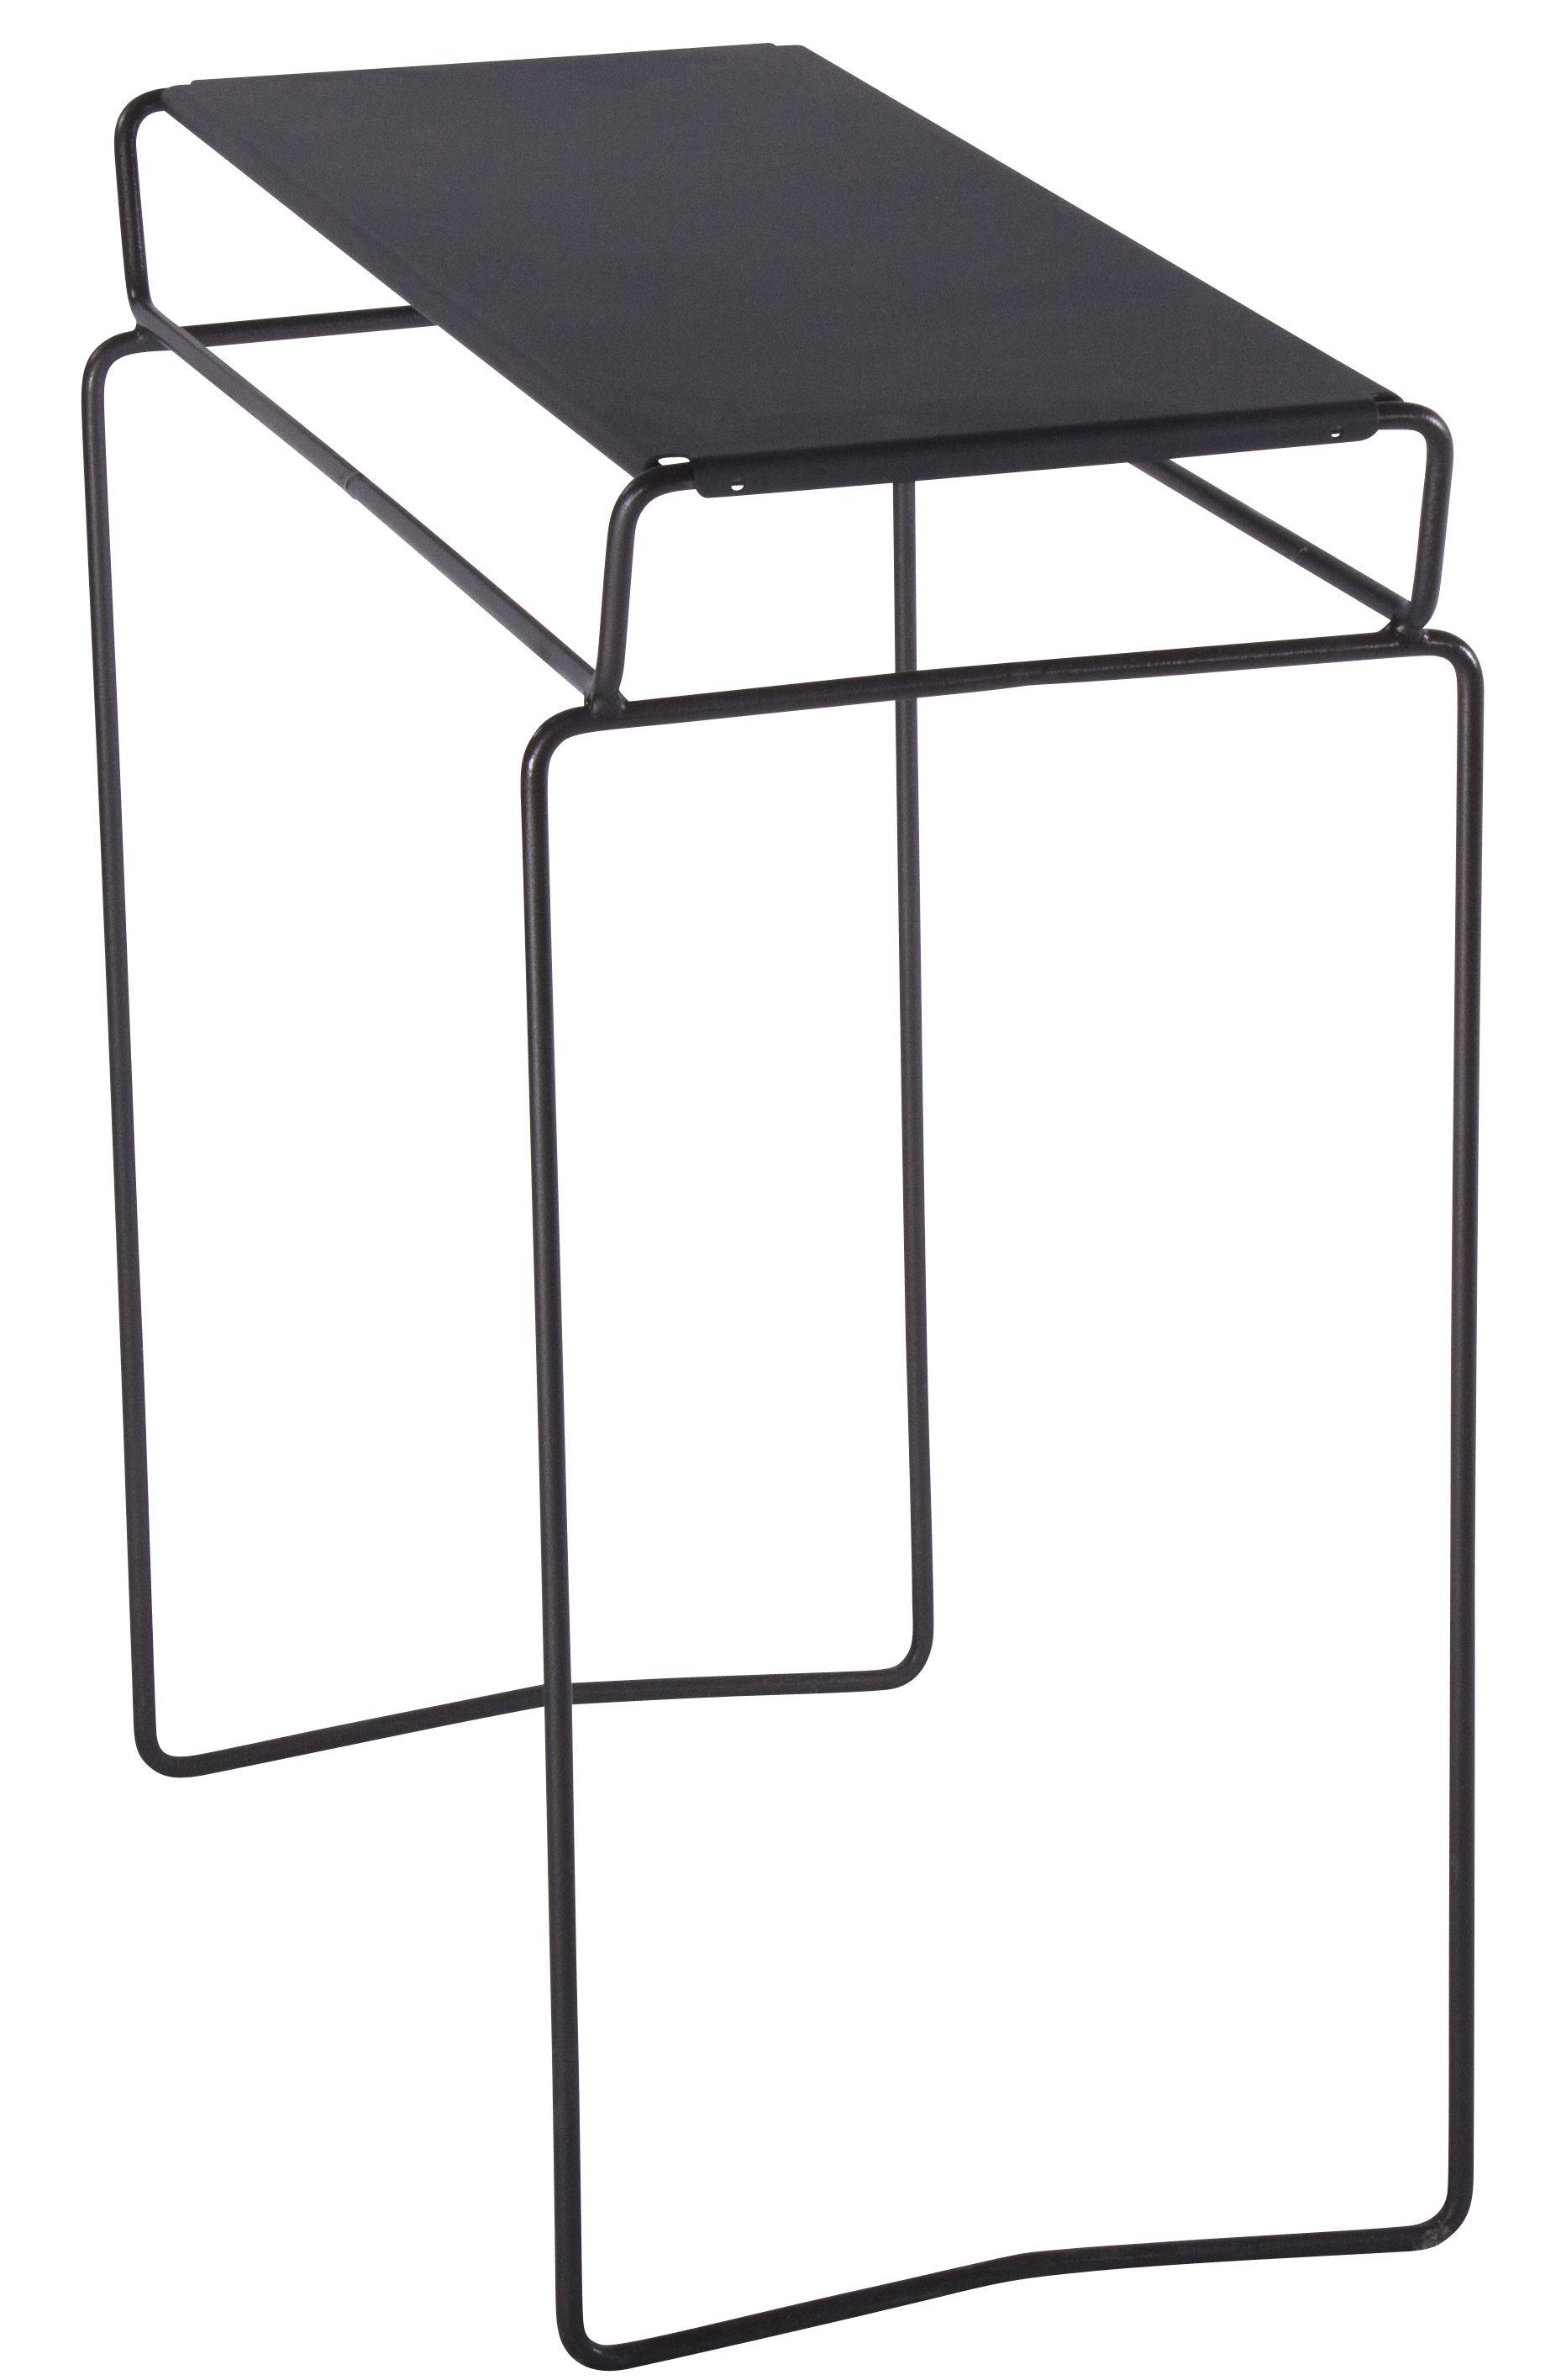 Mobilier - Consoles - Console Fil / L 70 cm - AA-New Design - Plateau Noir / Structure Noire - Acier laqué époxy